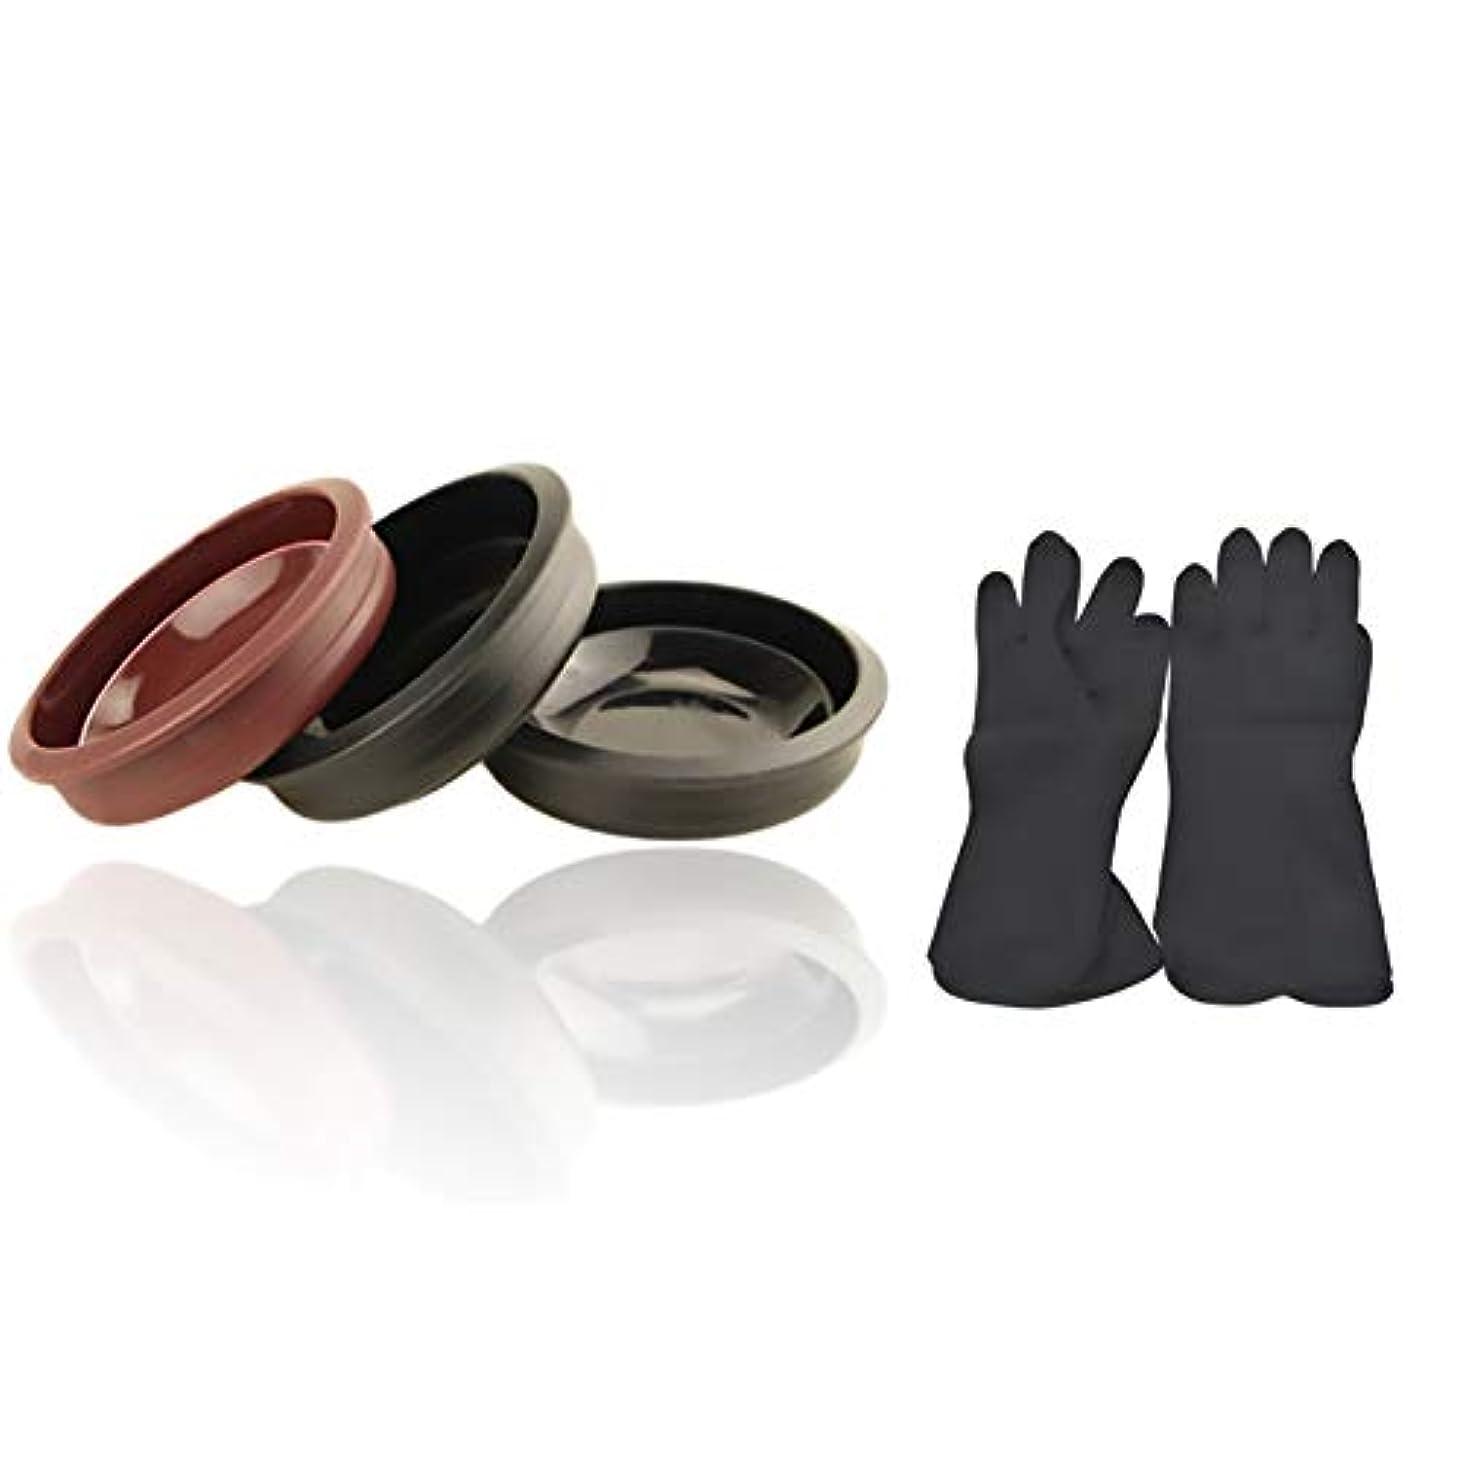 銅レザー記念品Tofover 3ピースヘアカラーミキシングボウルと20カウントヘアダイ手袋、黒の再利用可能なゴム手袋、ヘアサロンヘア染色のためのプロのヘアカラーツールキット